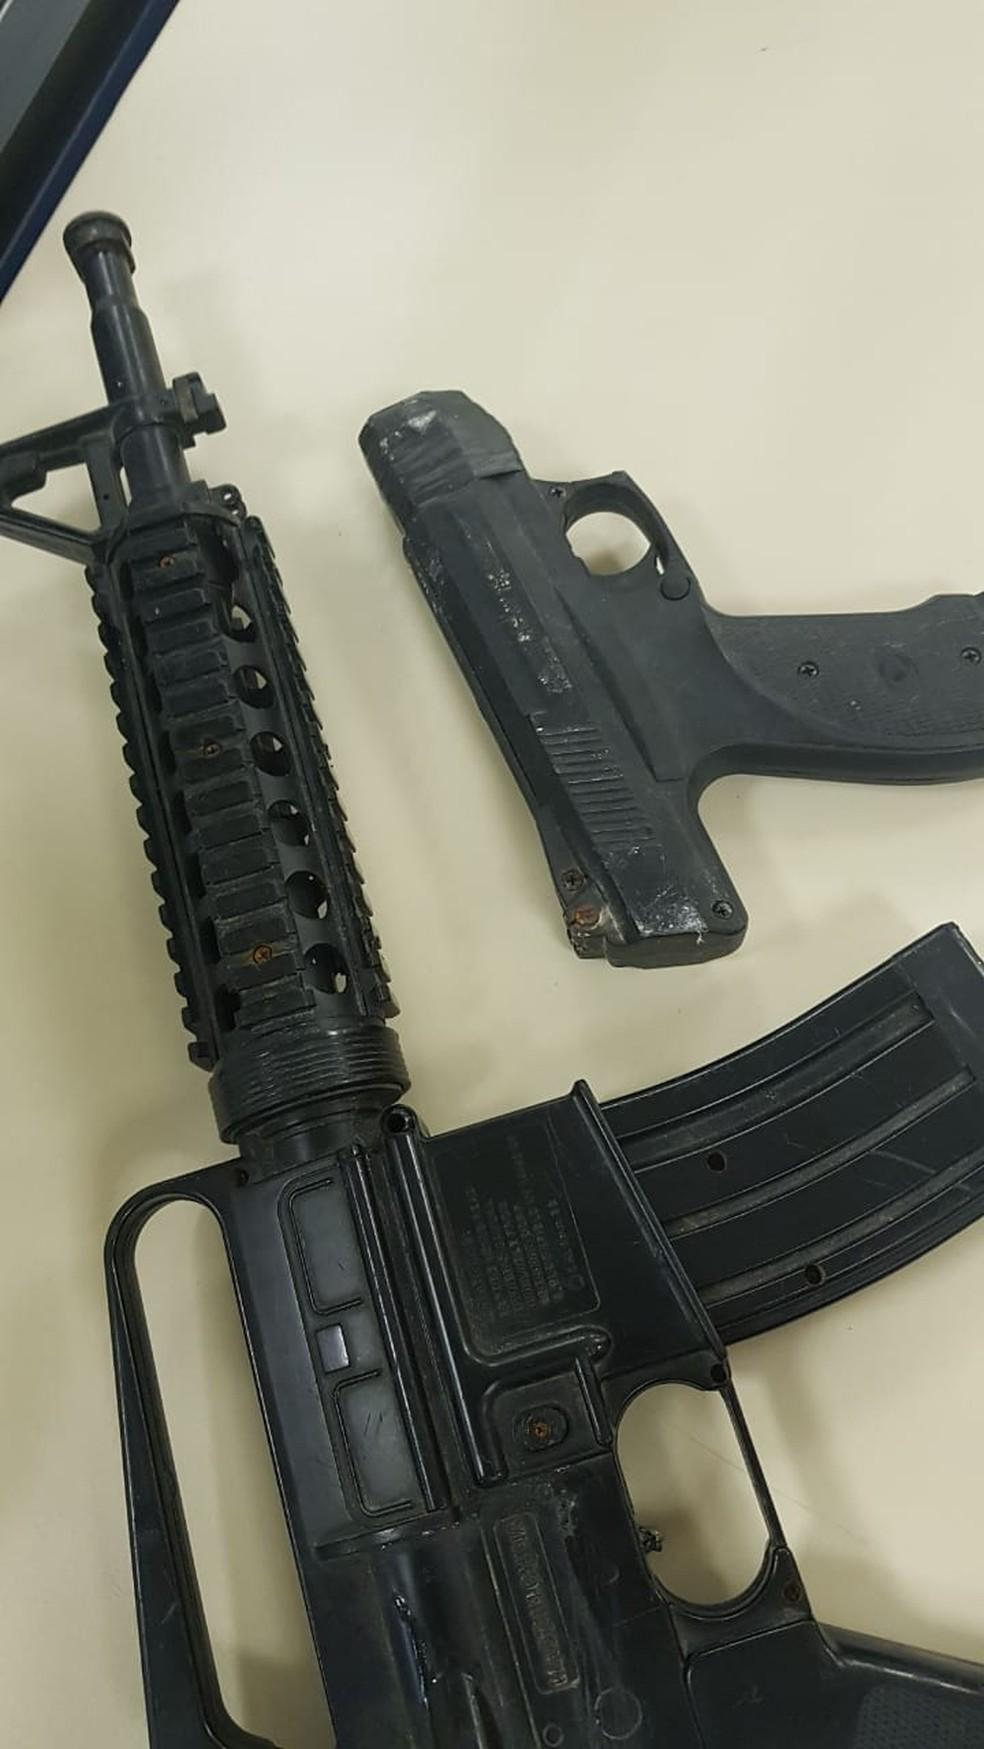 Simulacros de armas foram apreendidos com faxineiros suspeitos de roubos — Foto: Divulgação